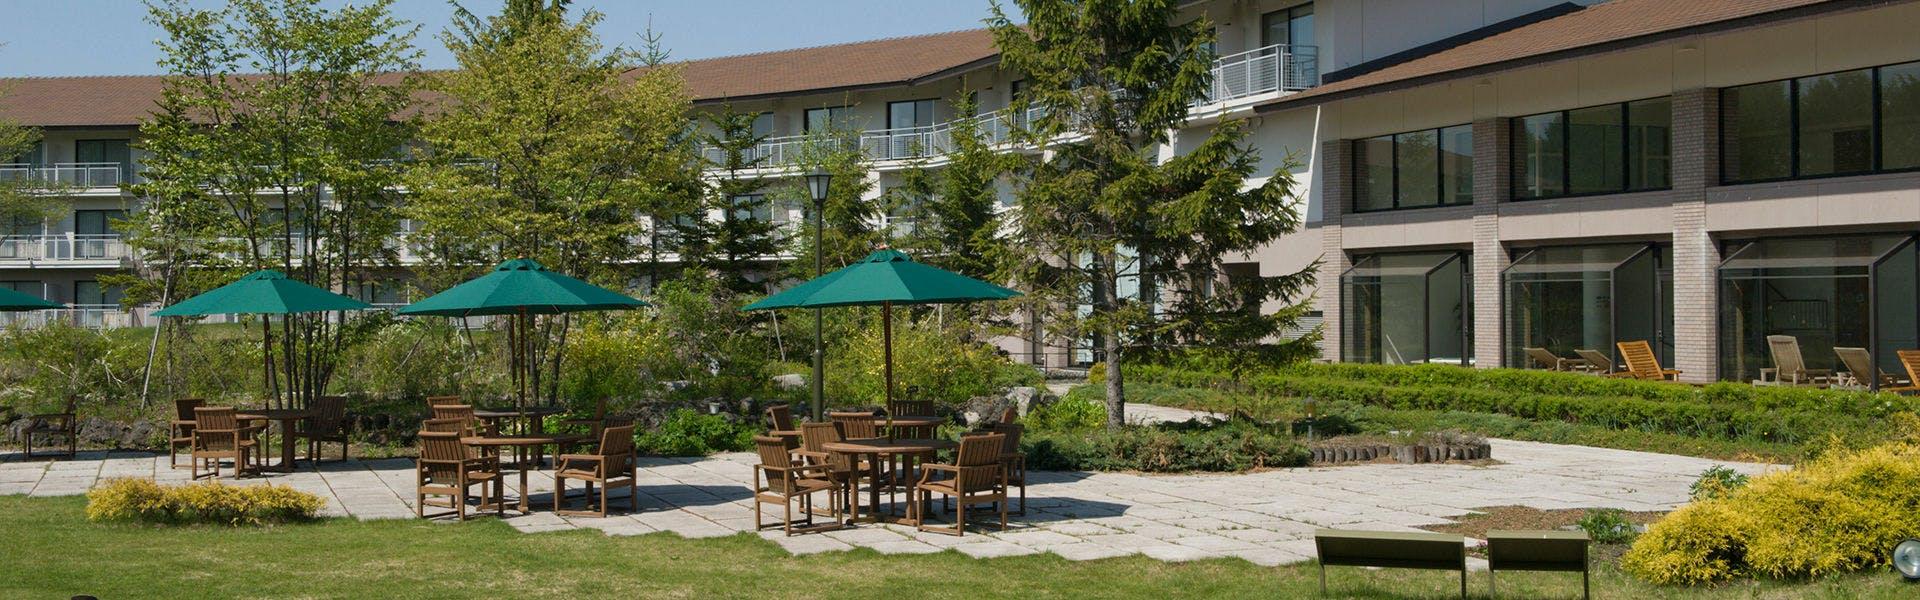 記念日におすすめのホテル・プレジデントリゾート軽井沢の写真1